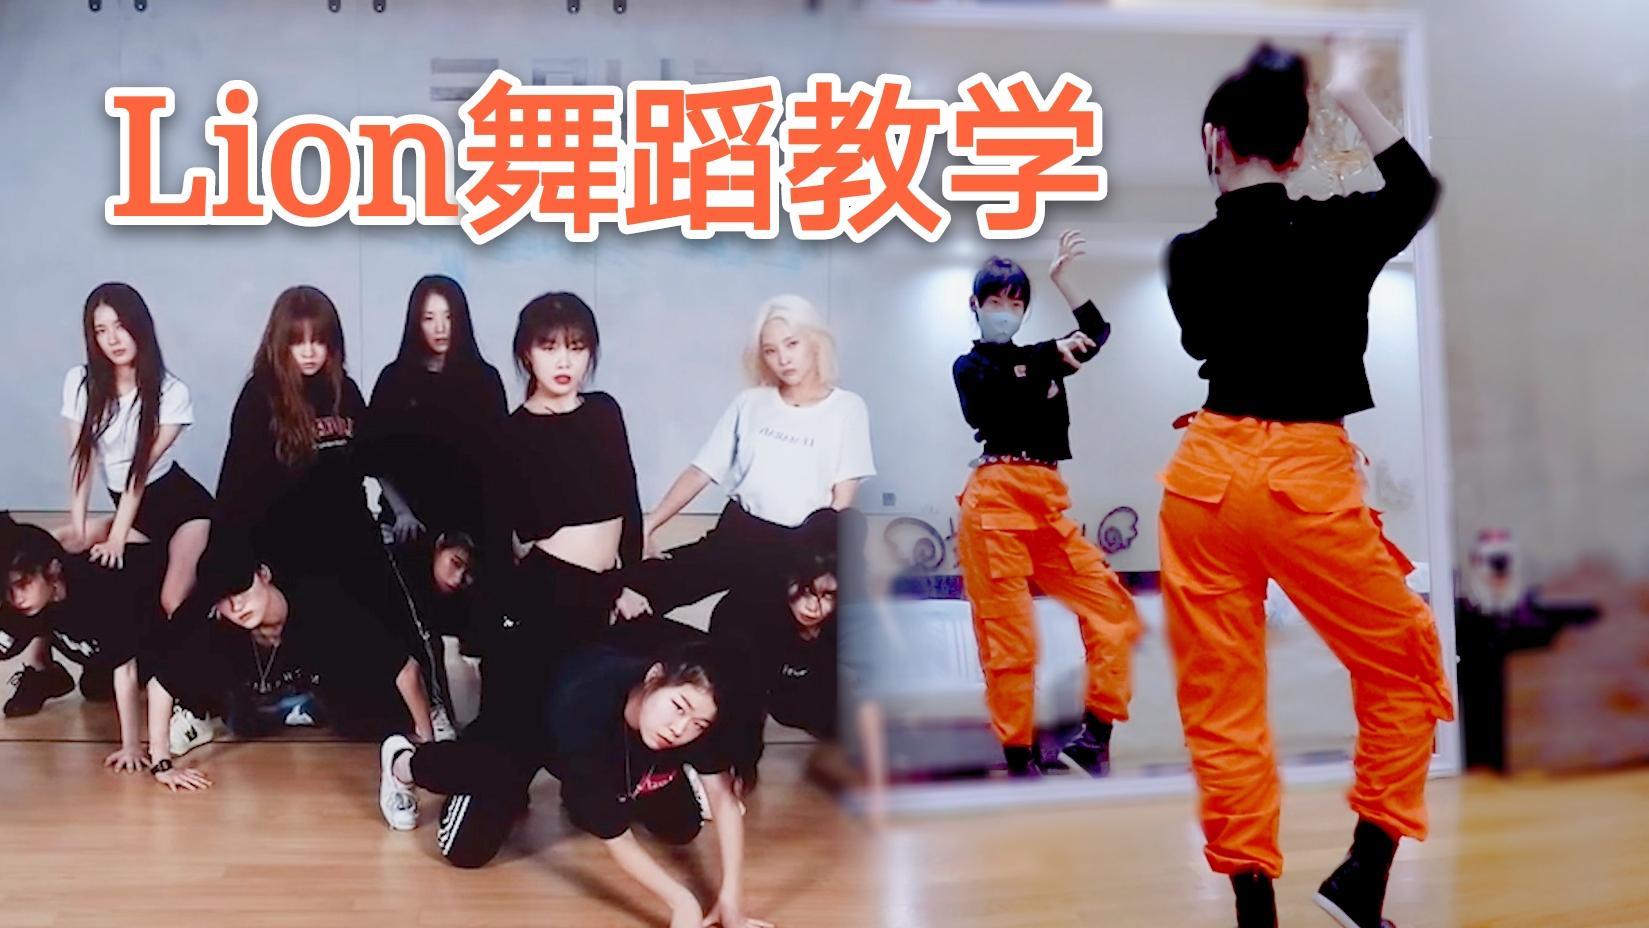 【紫嘉儿】(G)I-DLE《LION》舞蹈教学镜面动作分解教程